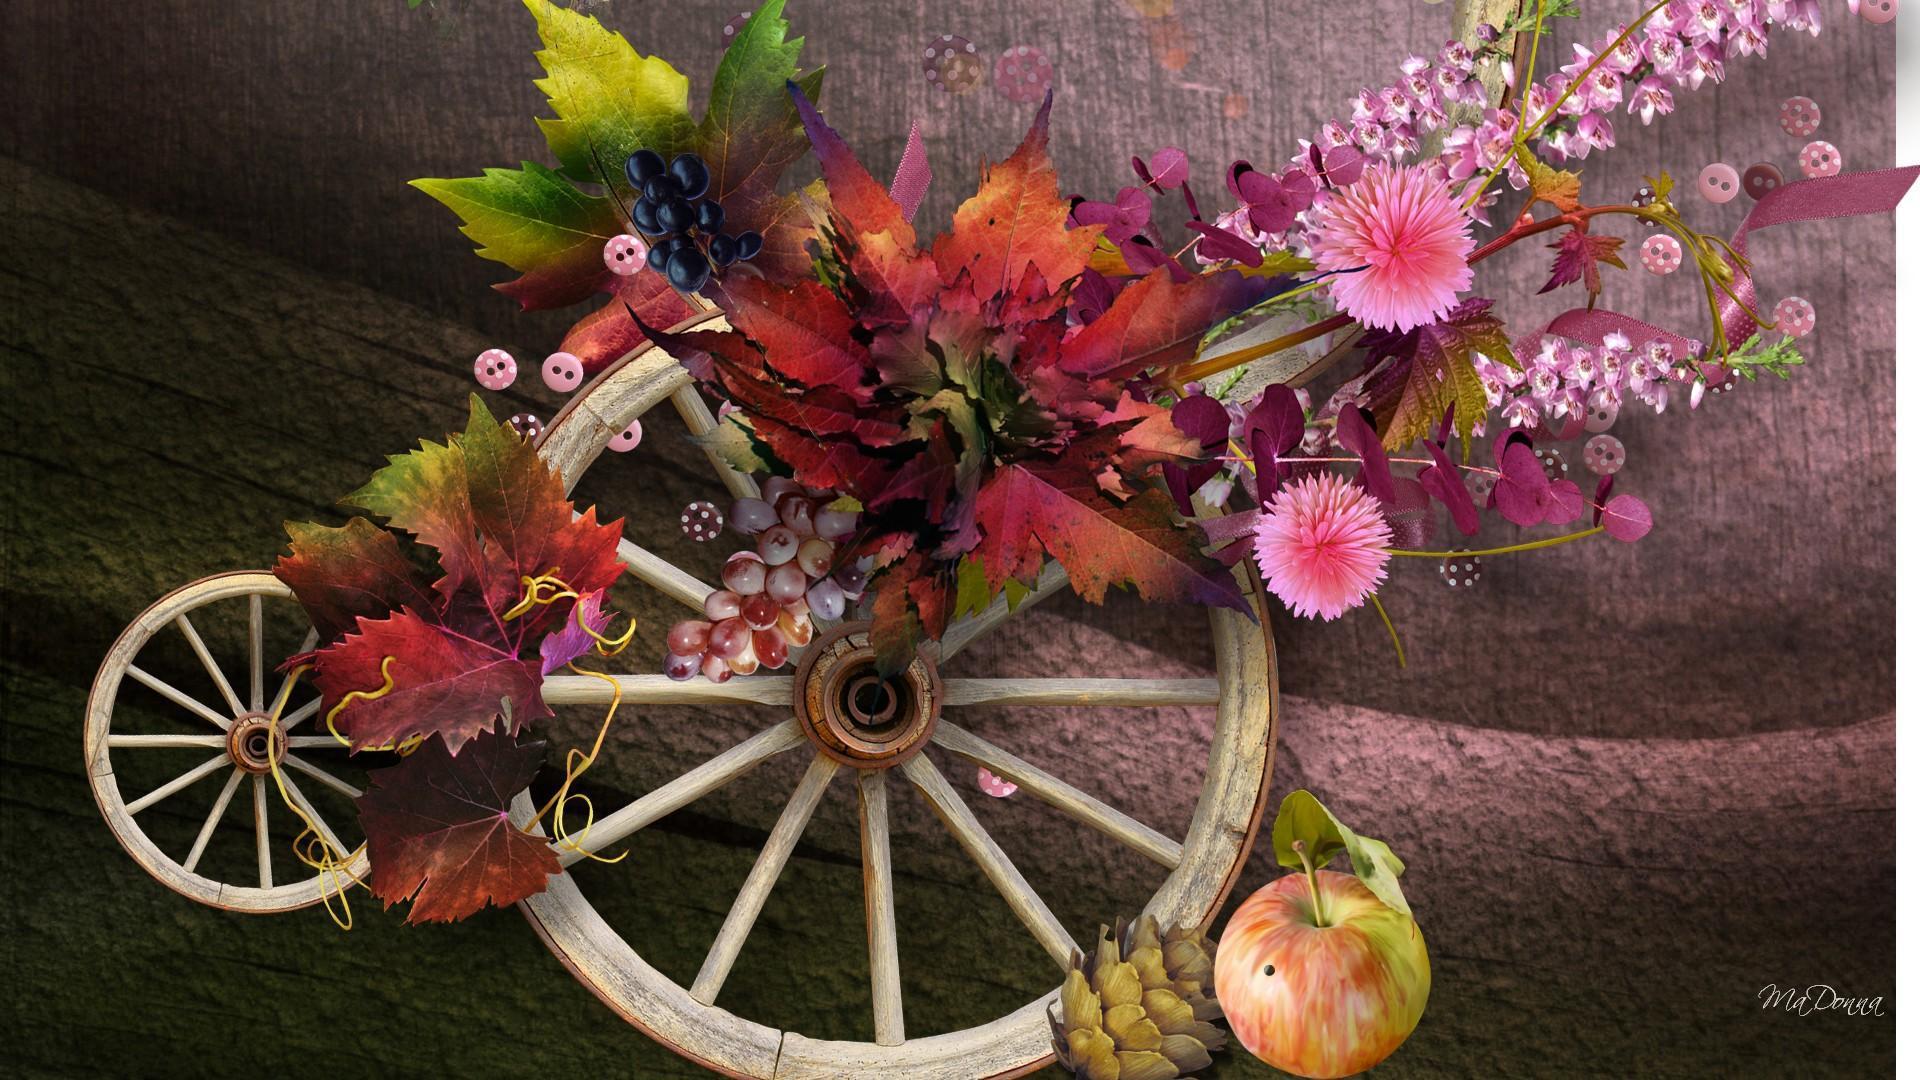 Fall Pumpkin Wallpaper Desktop Autumn Wheels Hd Desktop Wallpaper Widescreen High